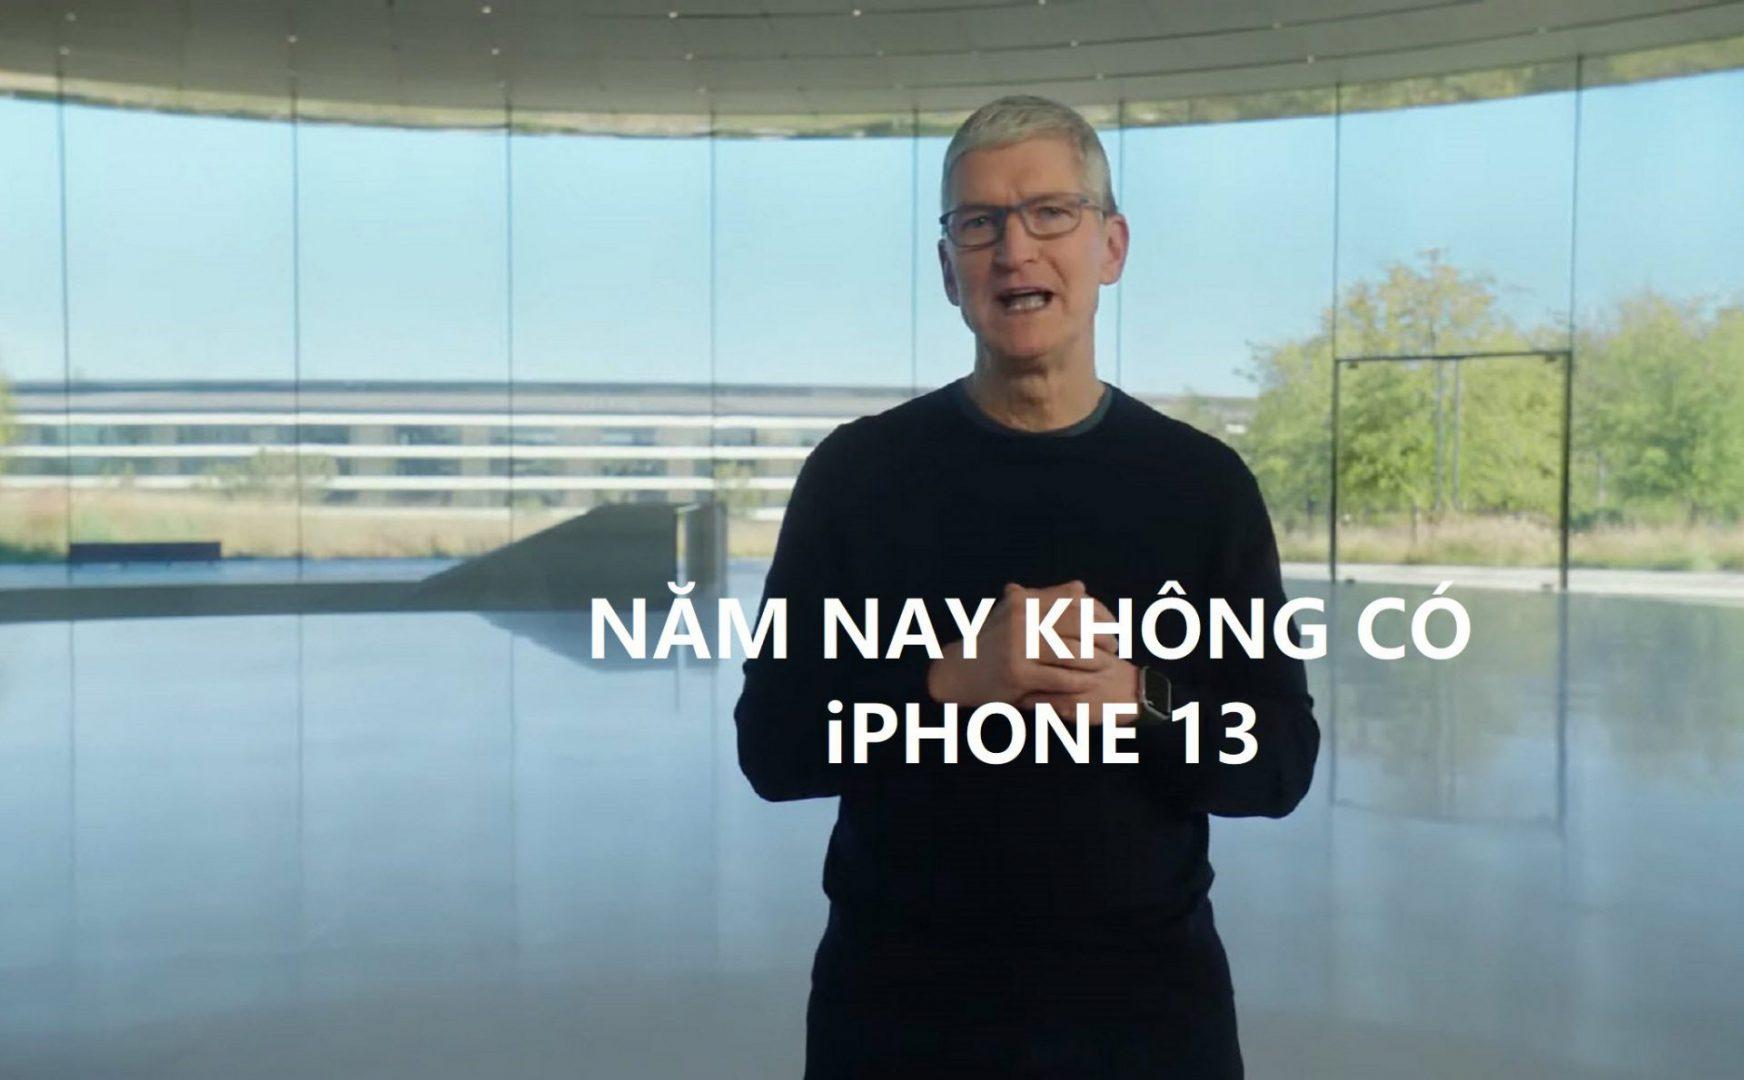 Tim Cook: Năm nay không có iPhone mới vì 13 là con số xui xẻo